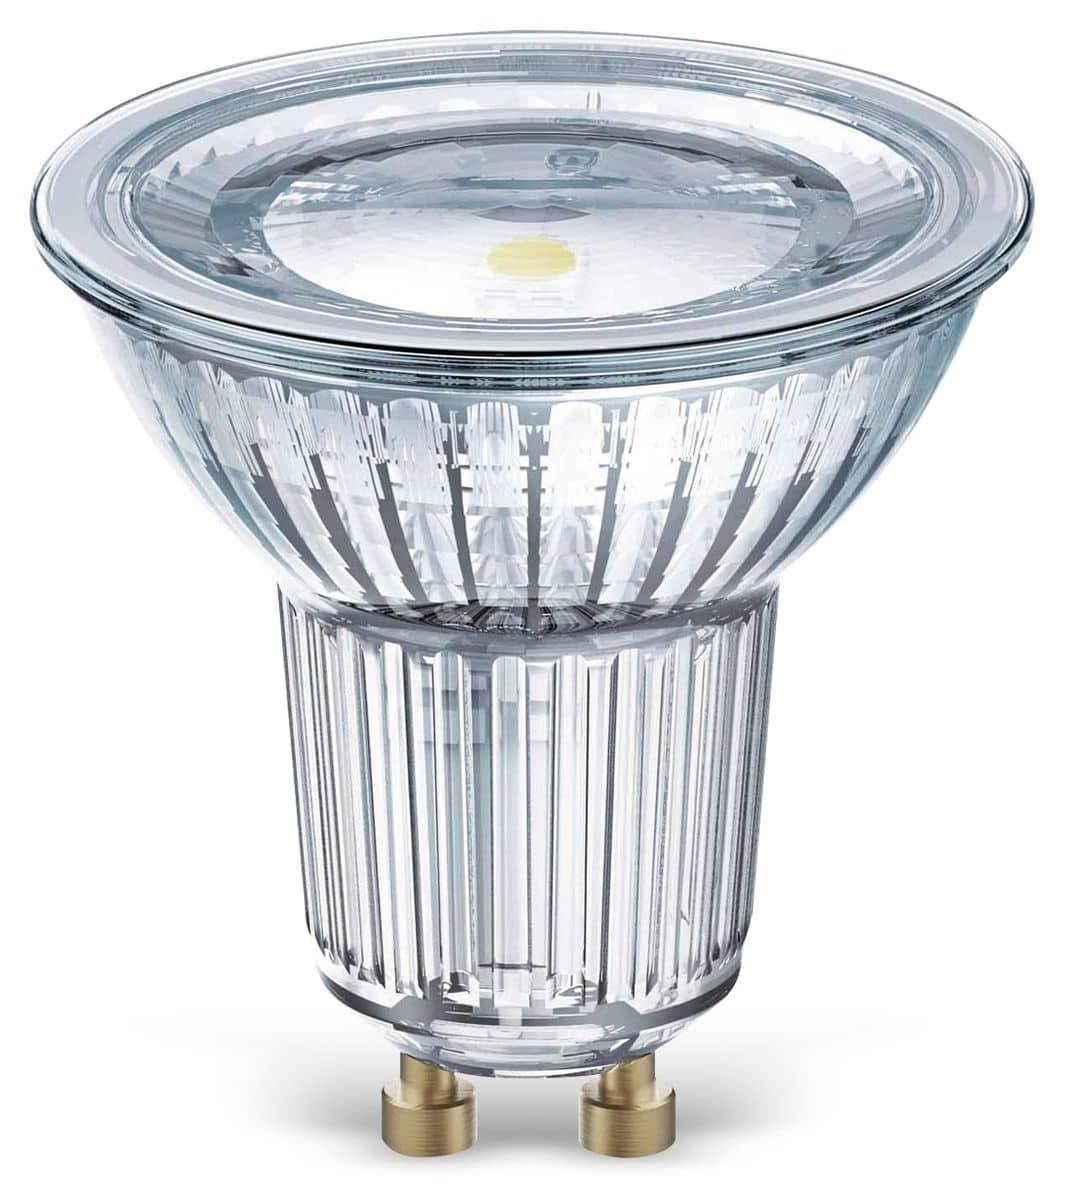 led lampe osram superstar par16 gu10 eek a 7 2 w 575 lm 4000 k online kaufen. Black Bedroom Furniture Sets. Home Design Ideas